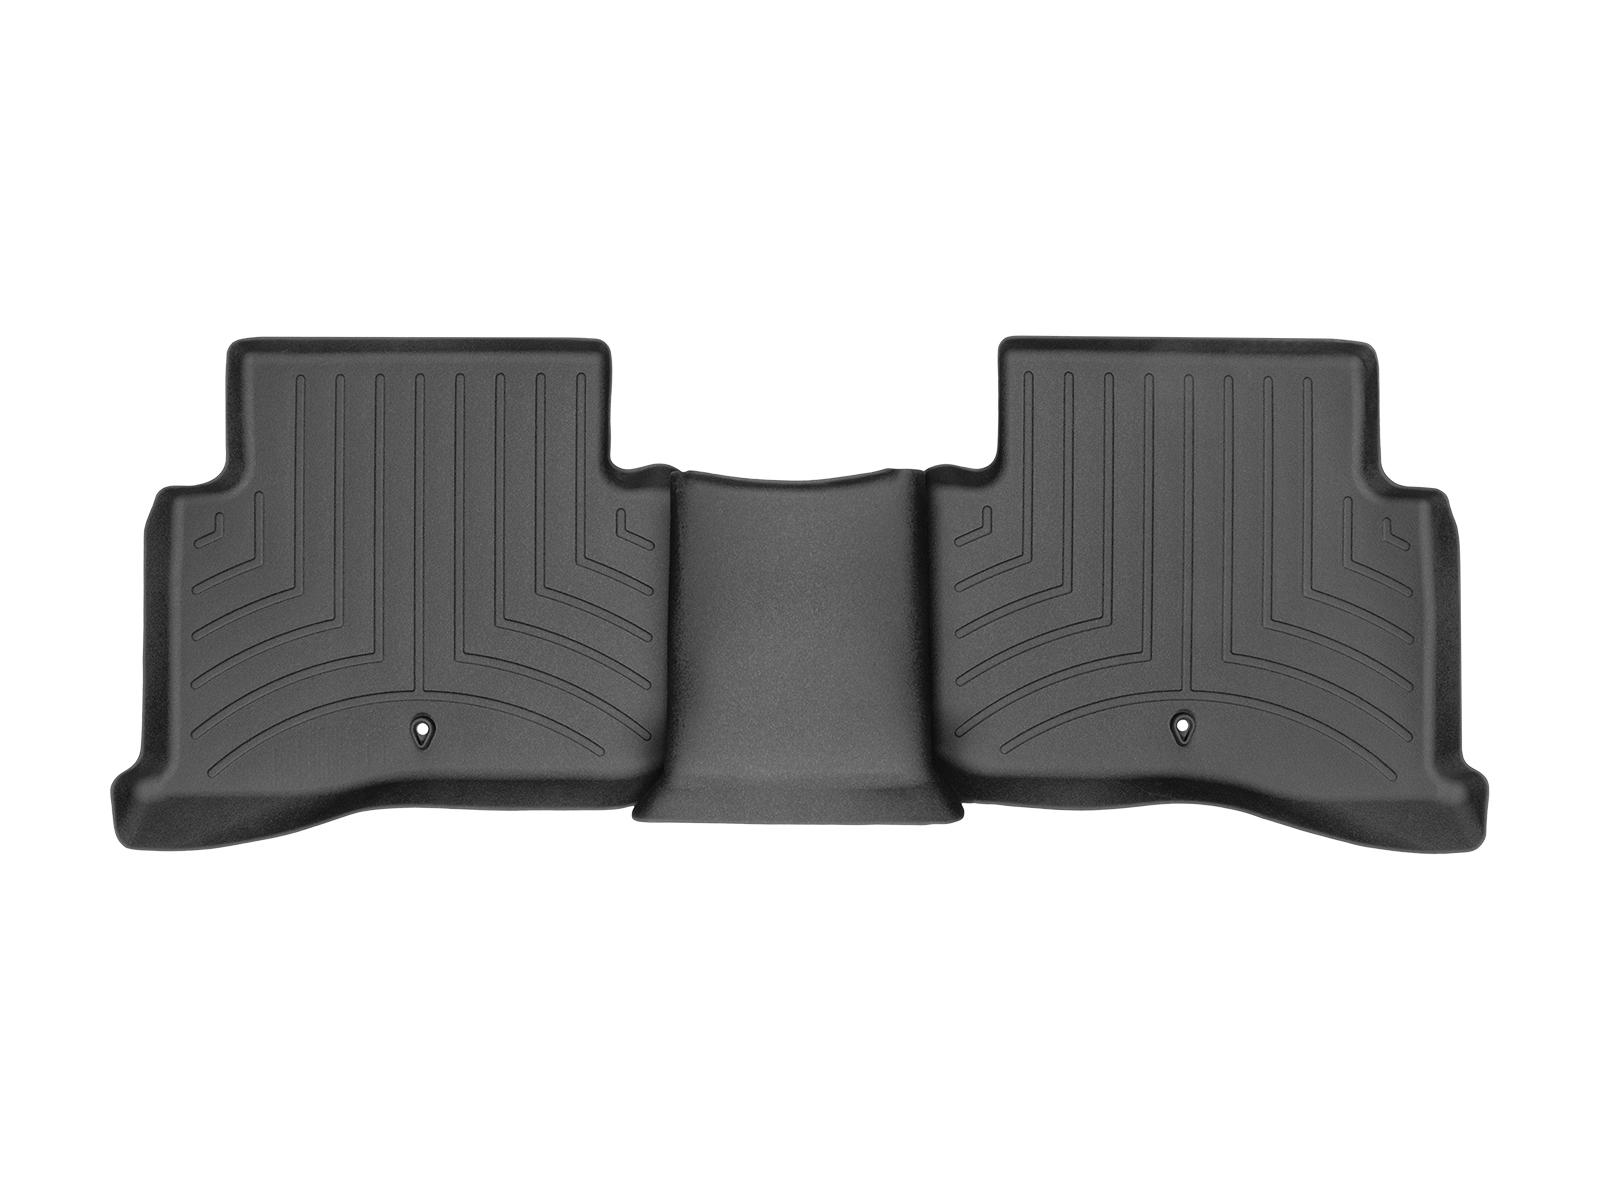 Tappeti gomma su misura bordo alto Hyundai Tucson 15>17 Nero A1503